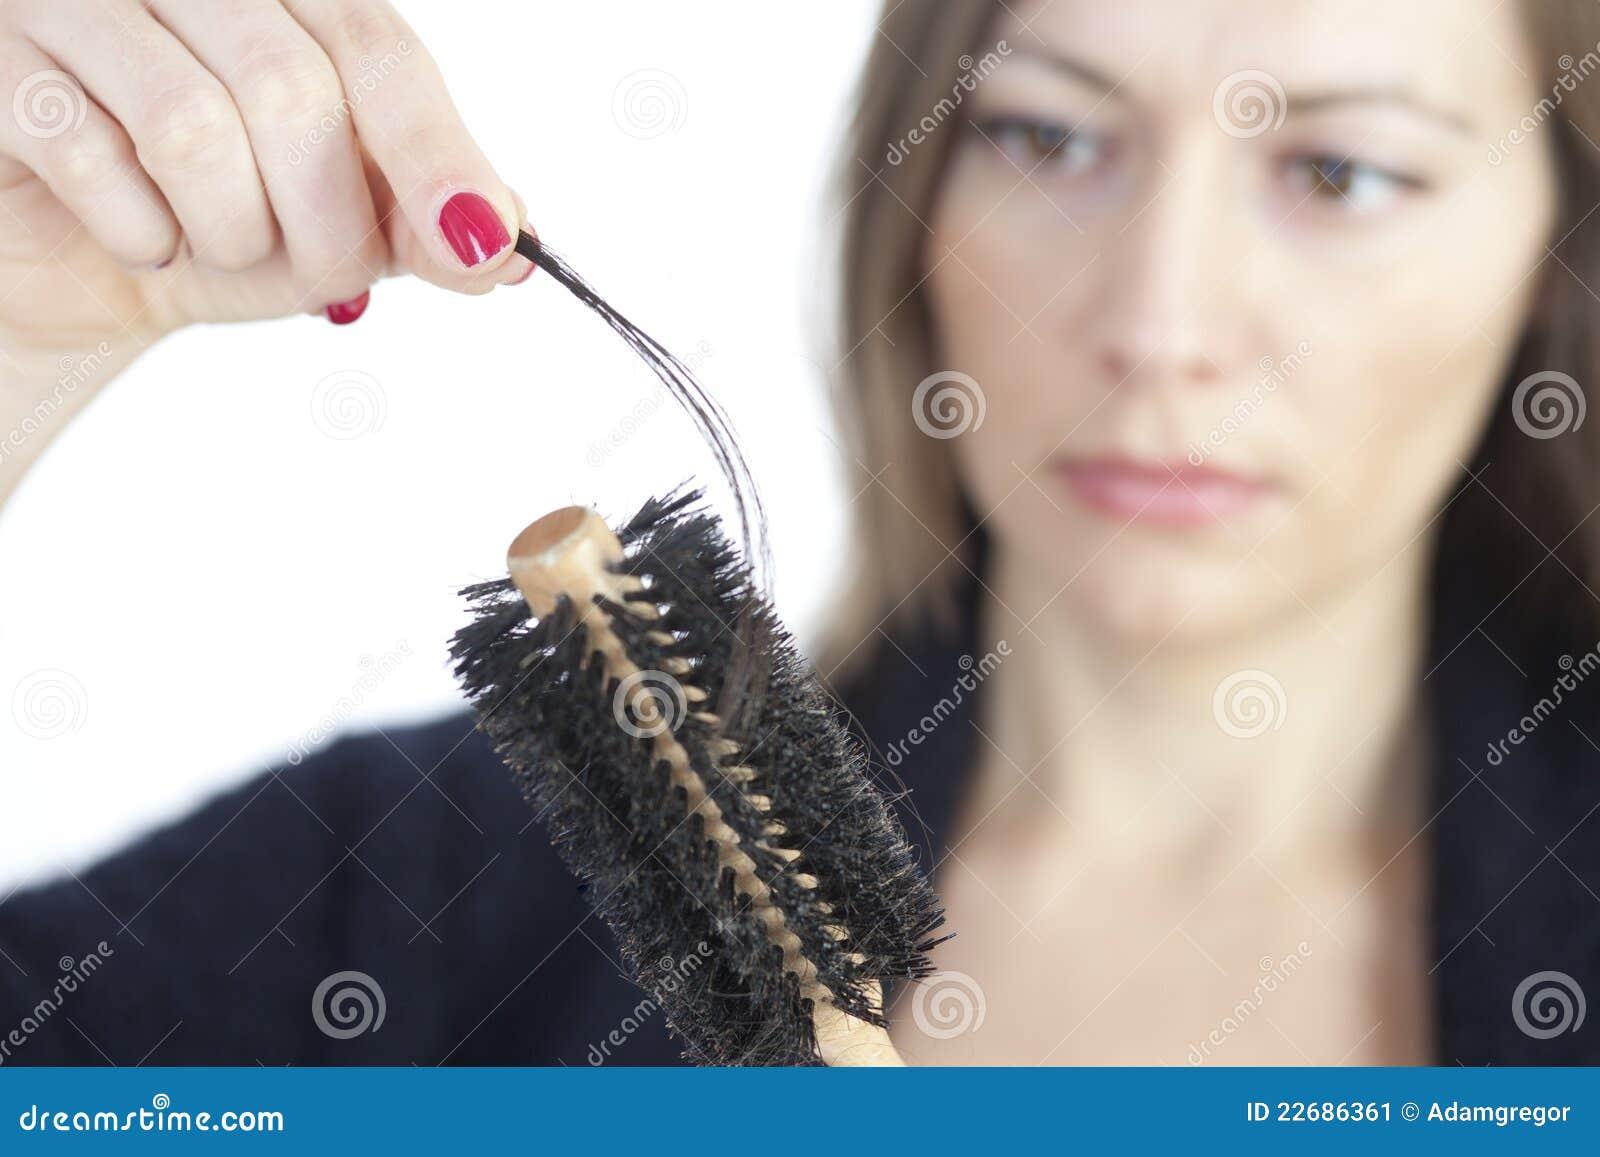 Woman checking if hair loss